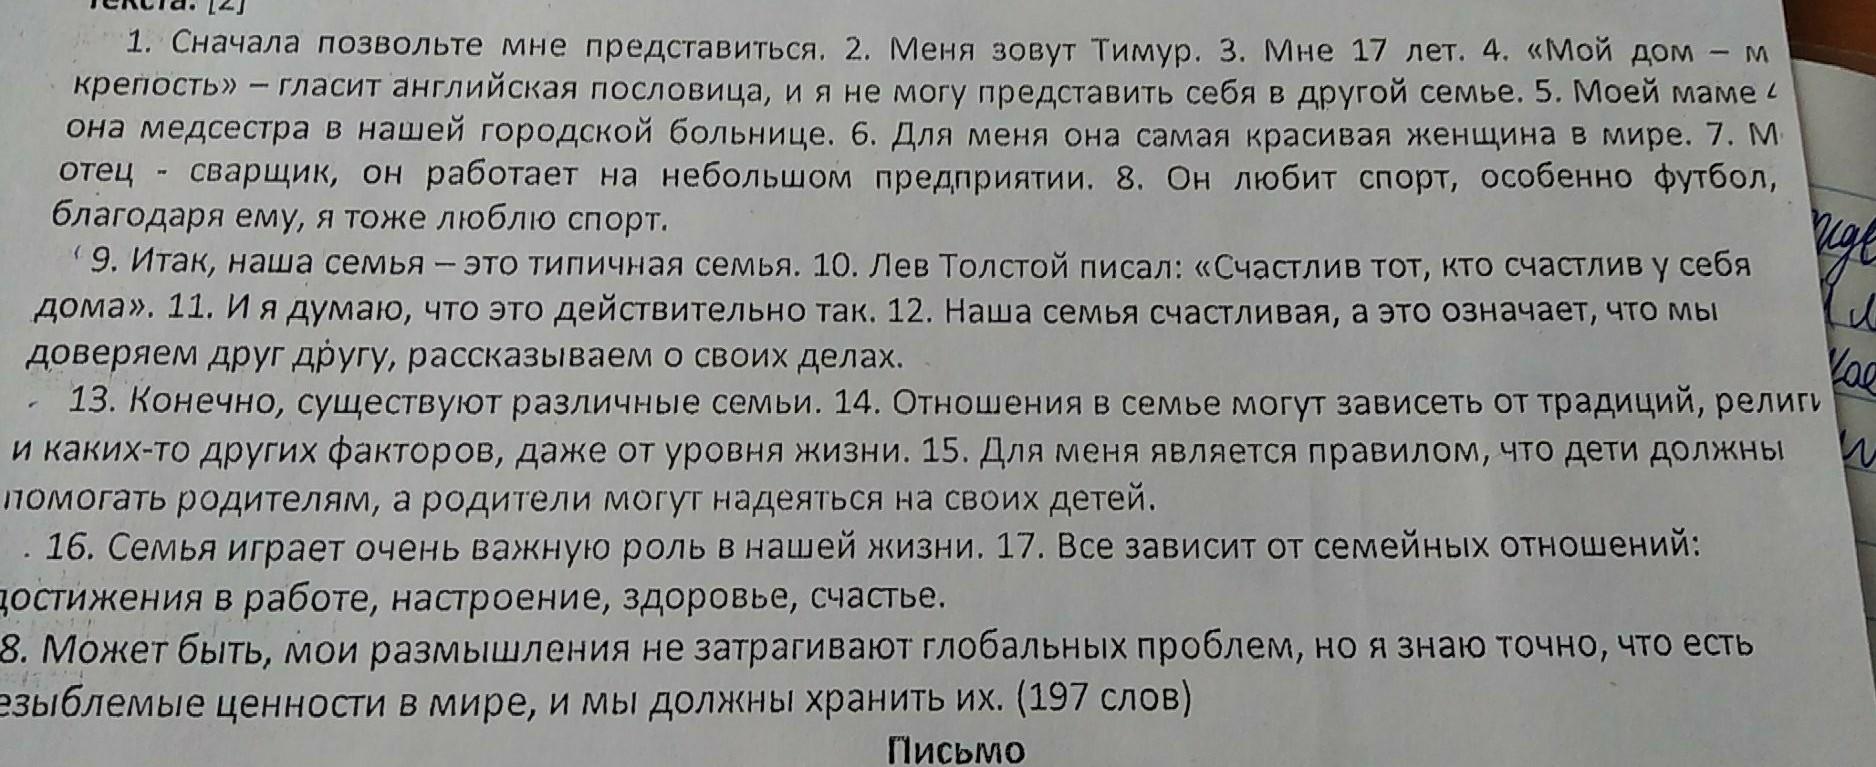 Синтаксическая роль наречия в предложении (примеры) - помощник для школьников спринт-олимпик.ру